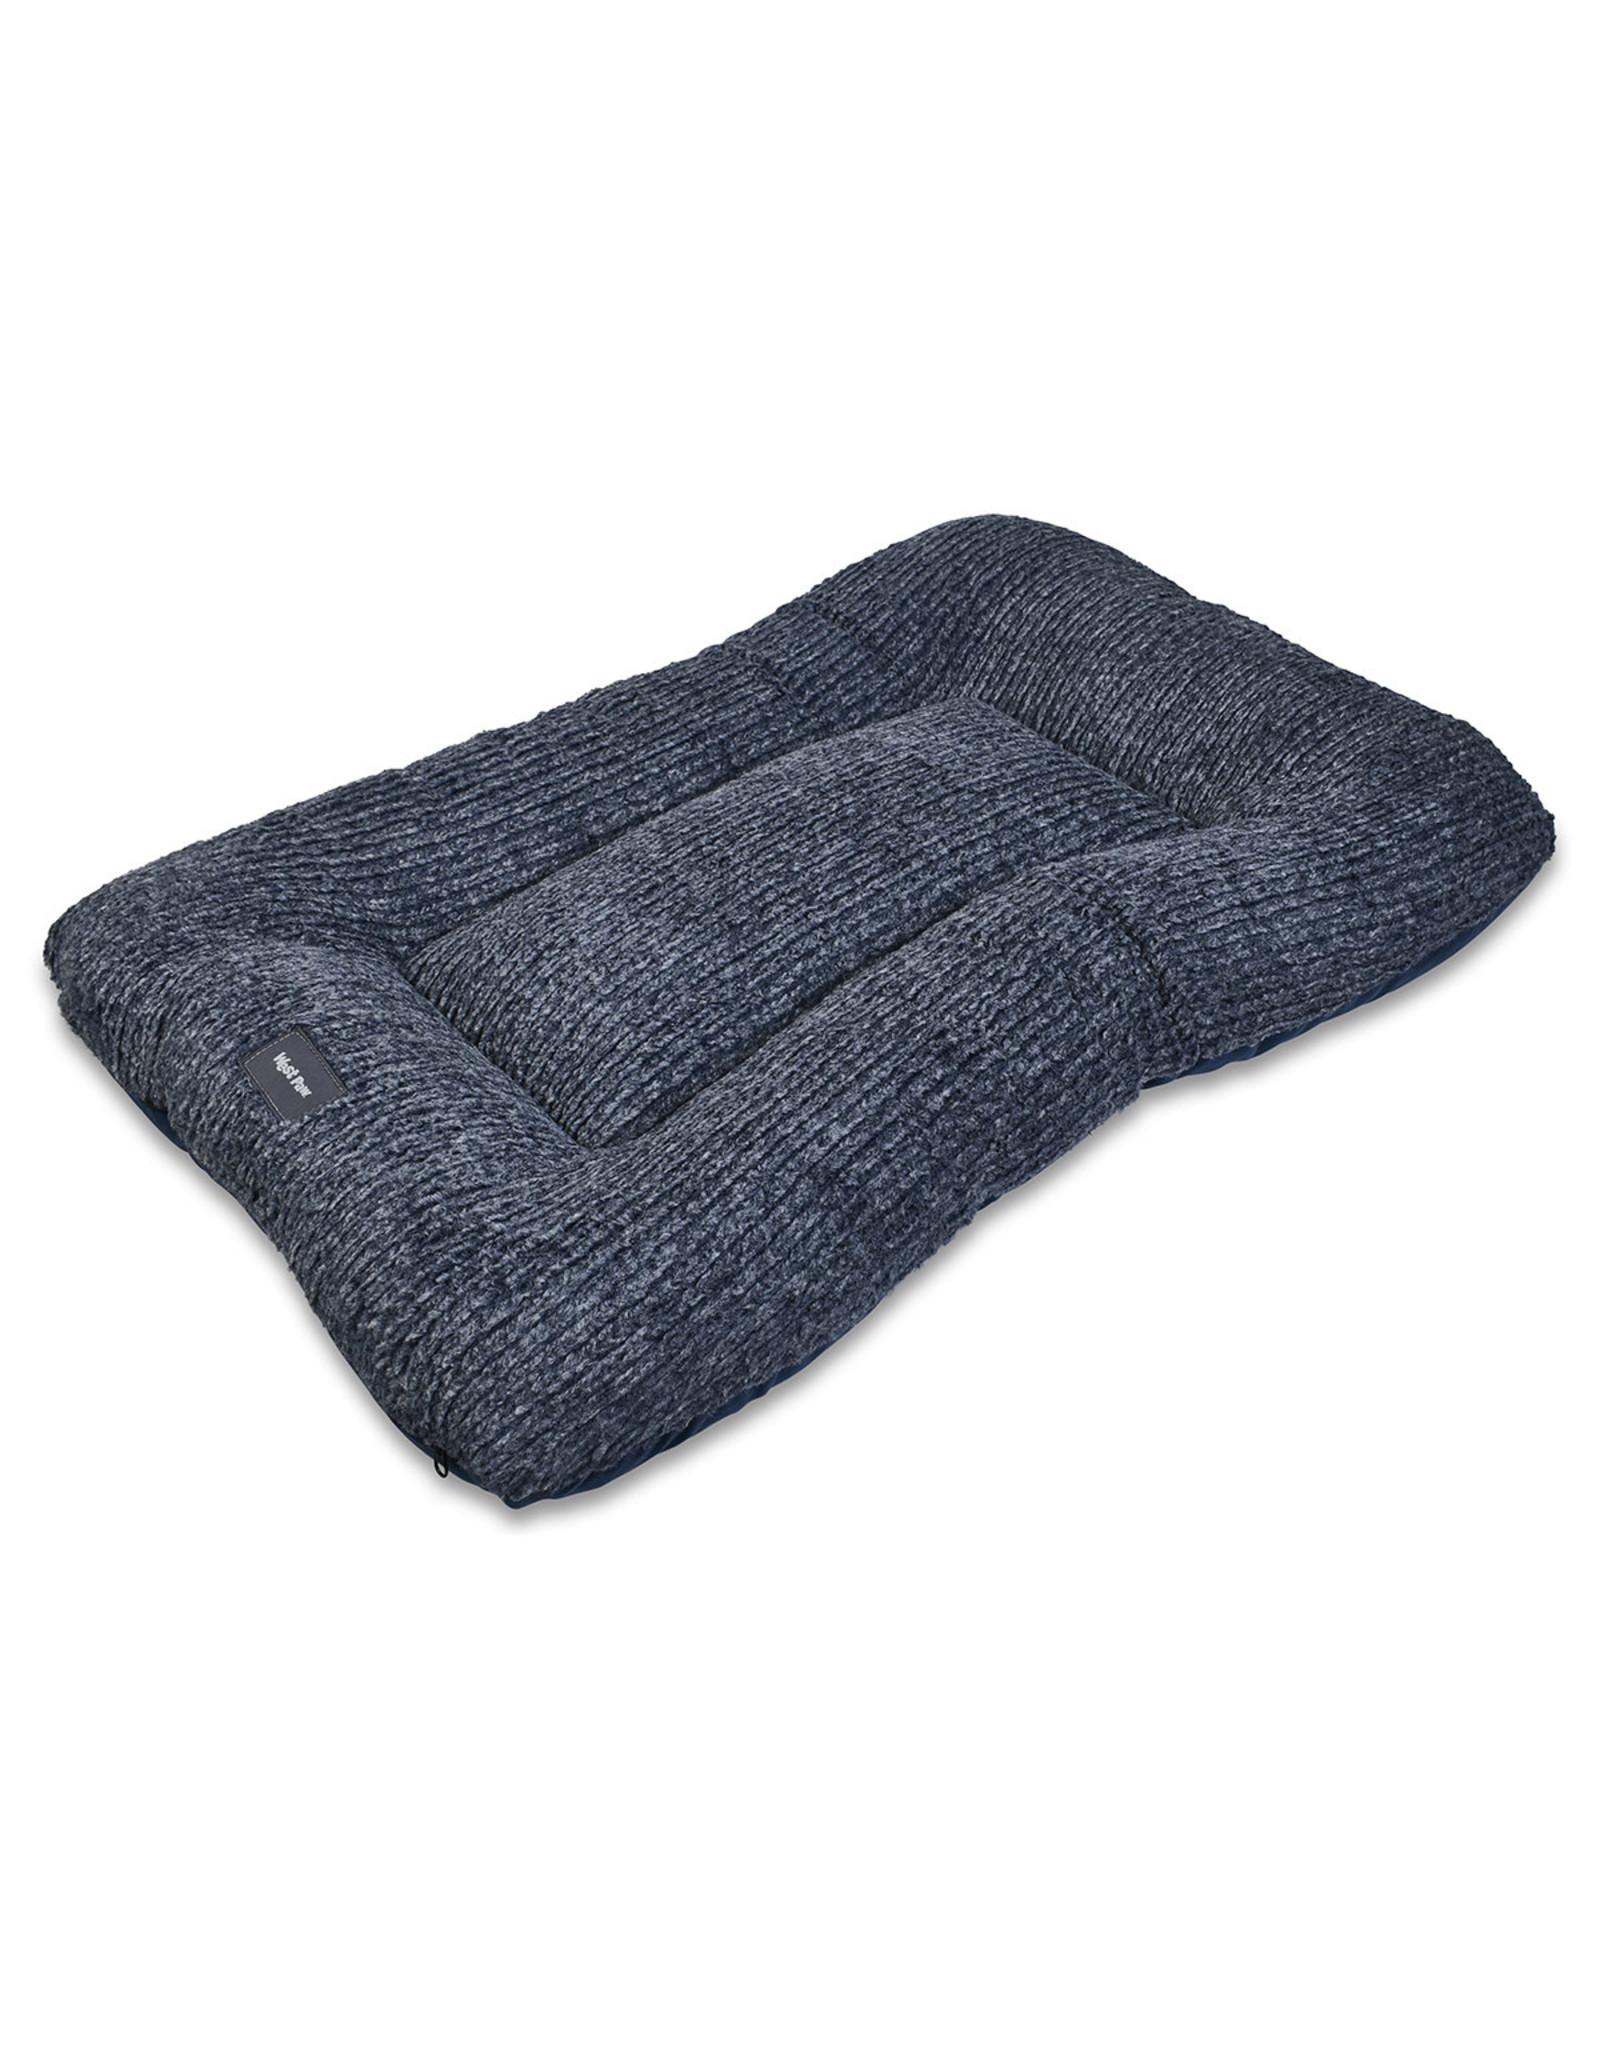 West Paw Designs Westpaw: Heyday Bed® - L 40x27 Midnight Heather